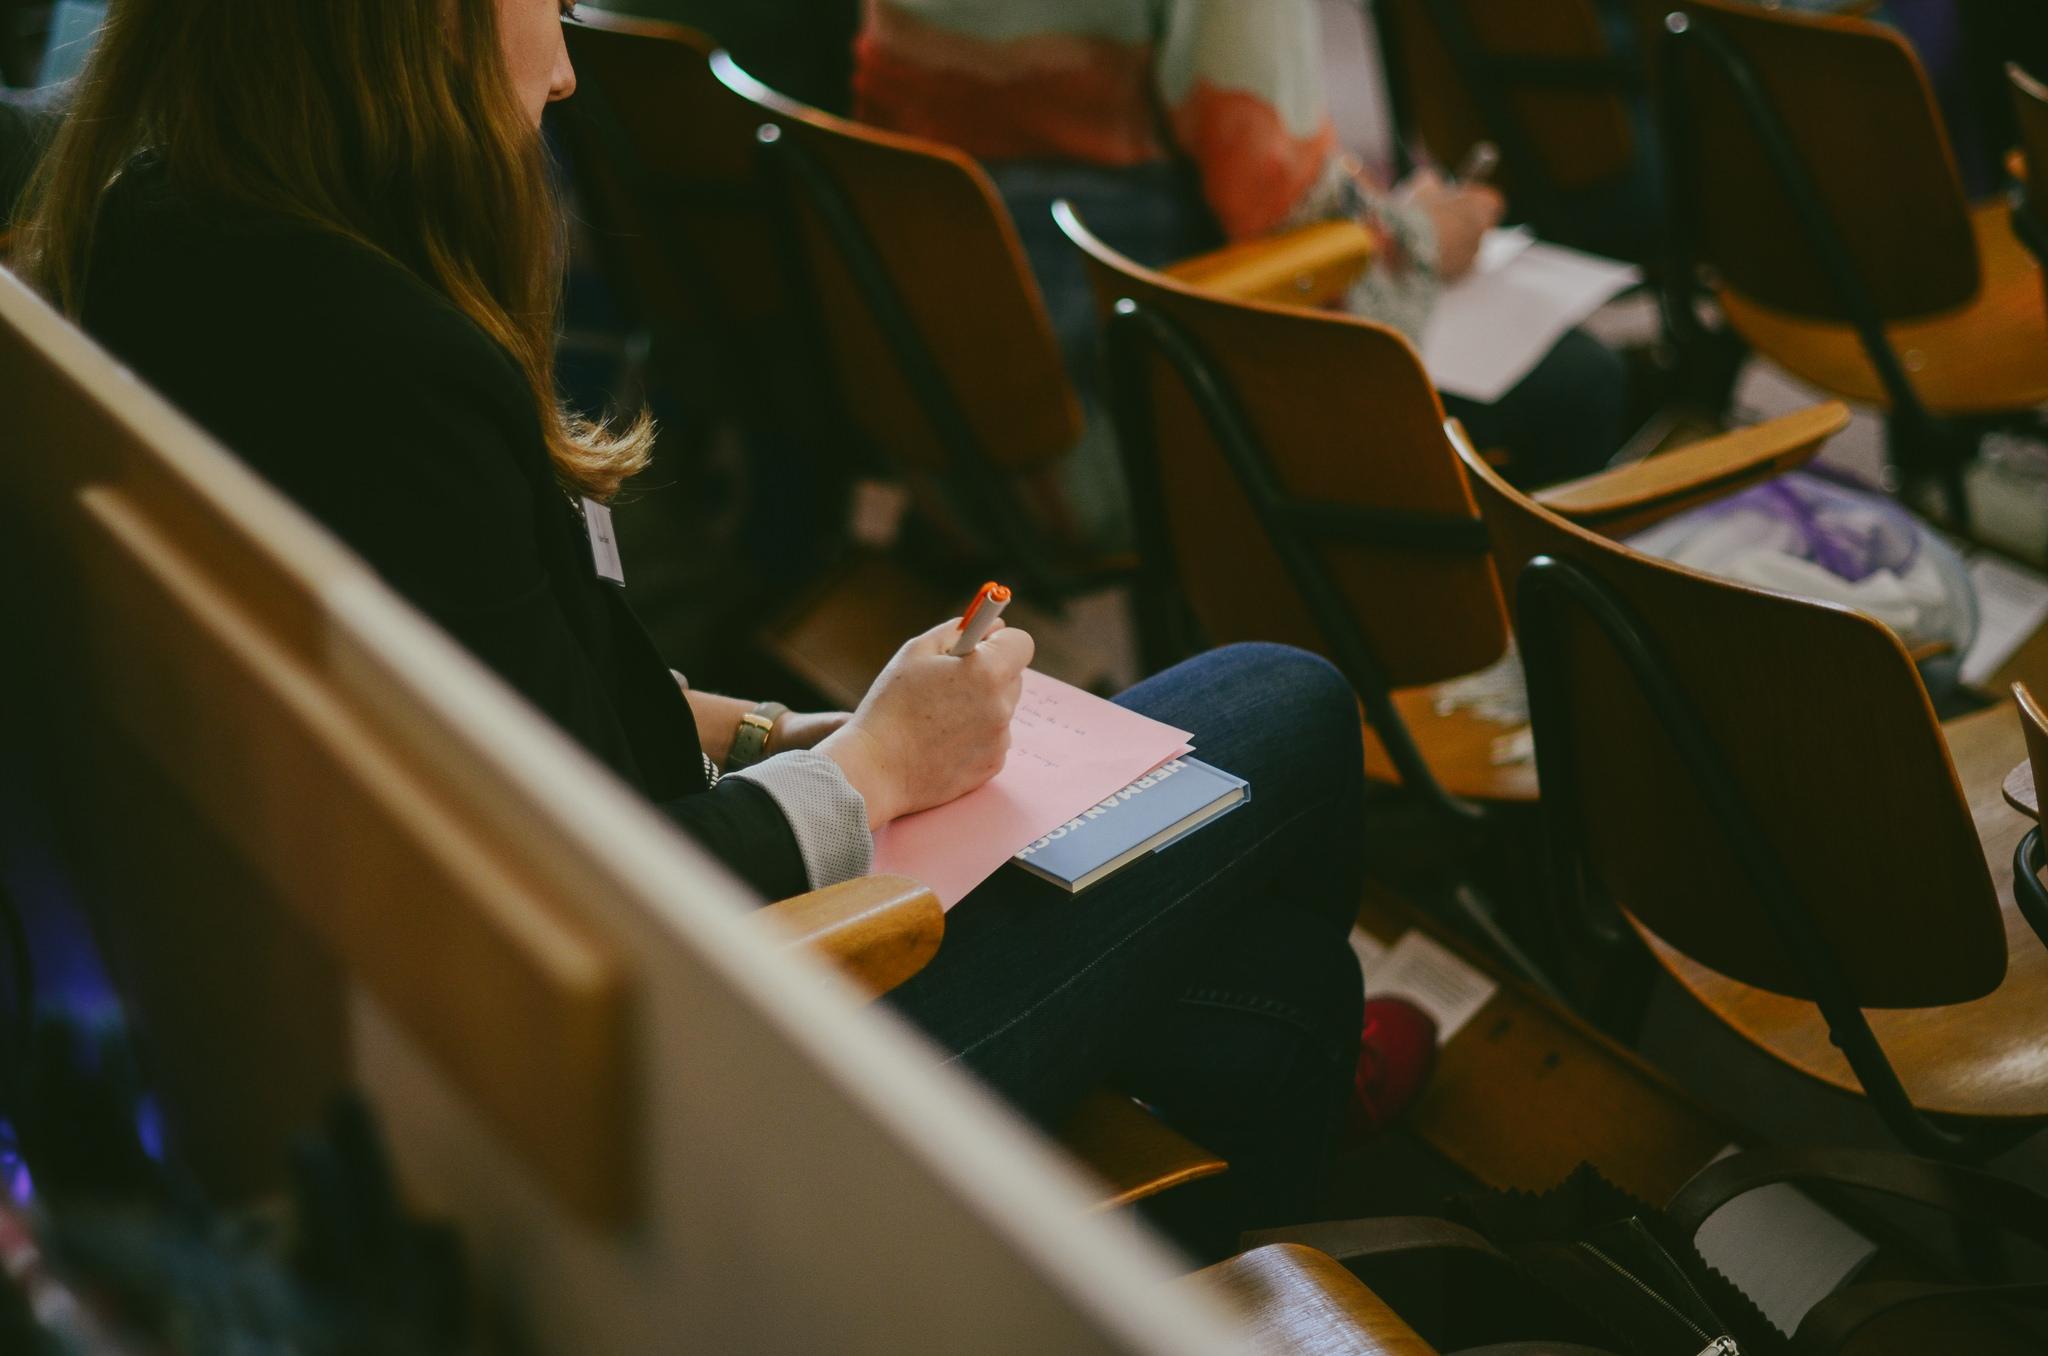 Vertrek je uit de Nieuwe Kerk? Laat het weten